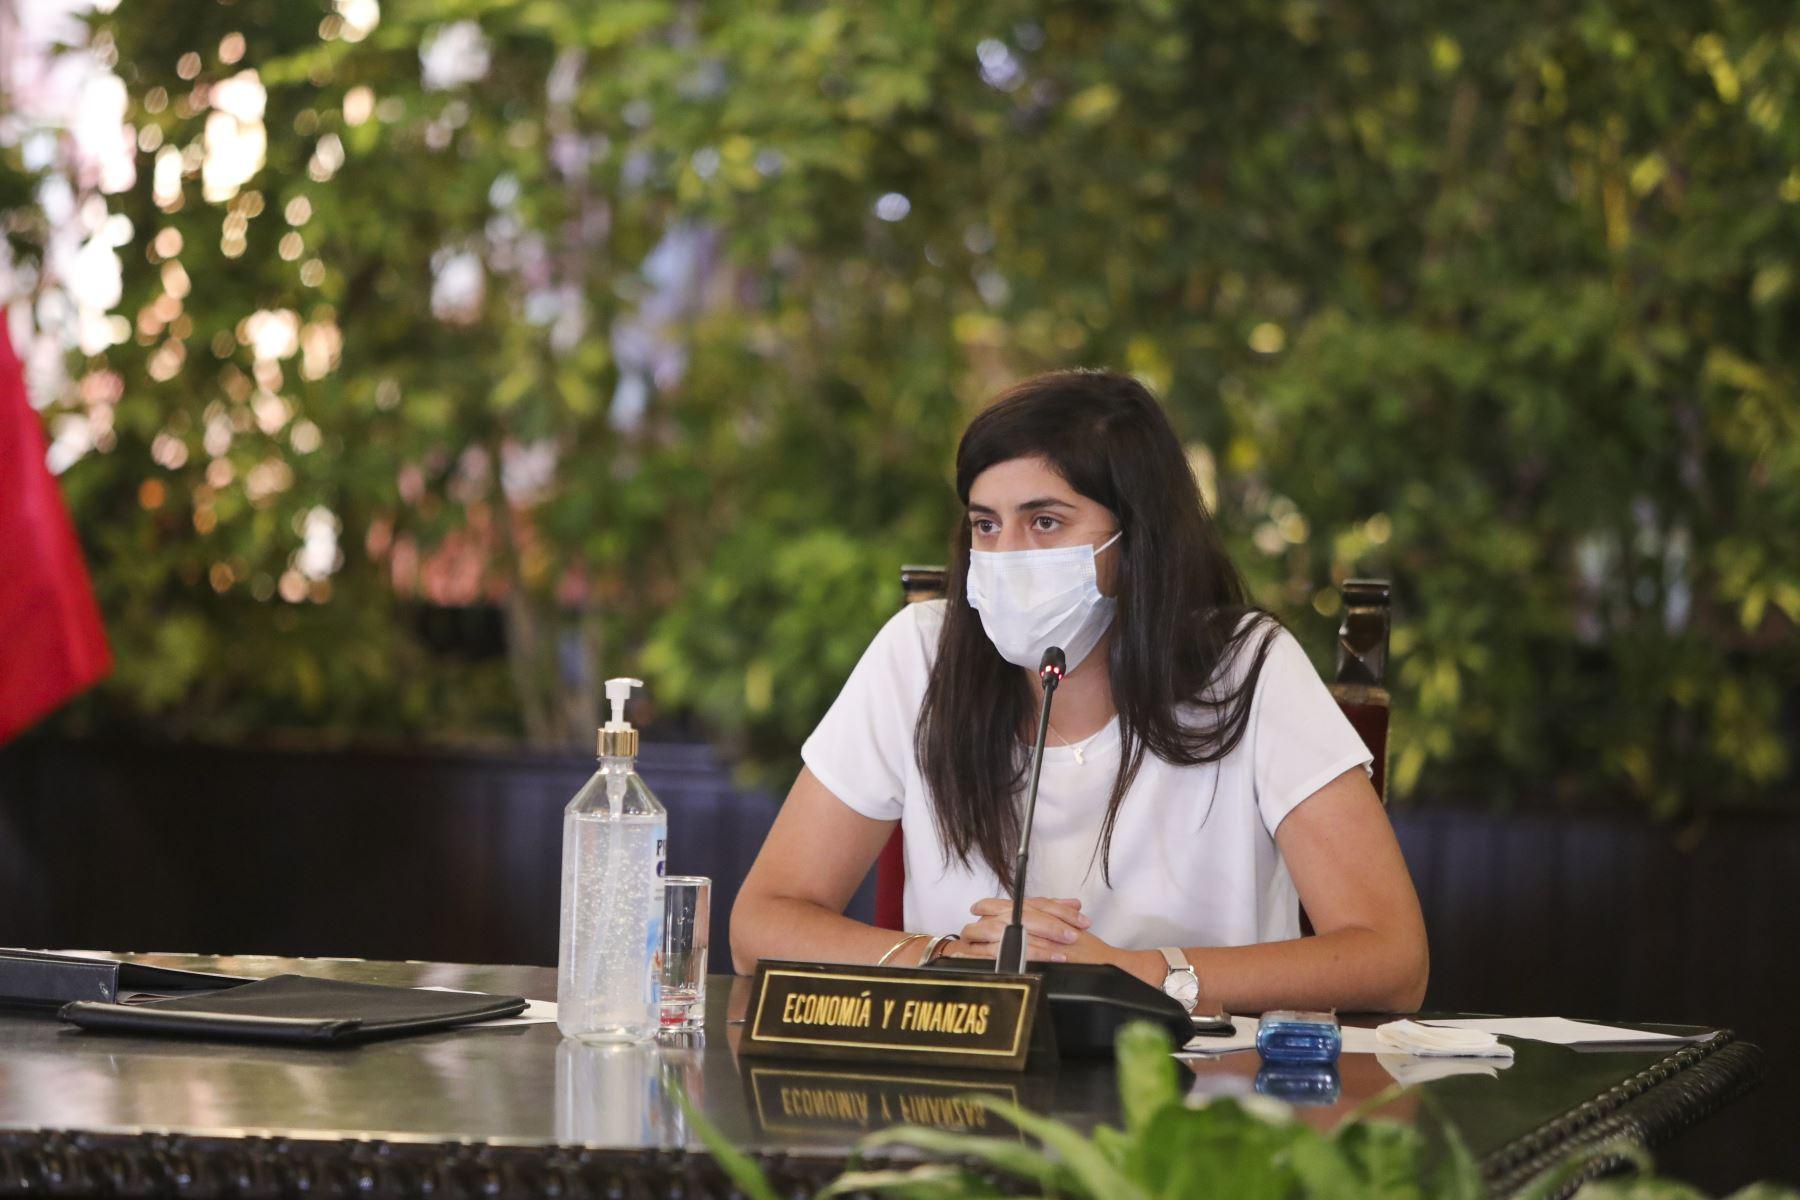 Ministro de Economía y Finanzas, María Antonieta Alva informa, sobre acciones de su sector por las medidas adoptadas por el estado de emergencia nacional decretado para contener el avance del coronavirus.  Foto: ANDINA/Prensa Presidencia